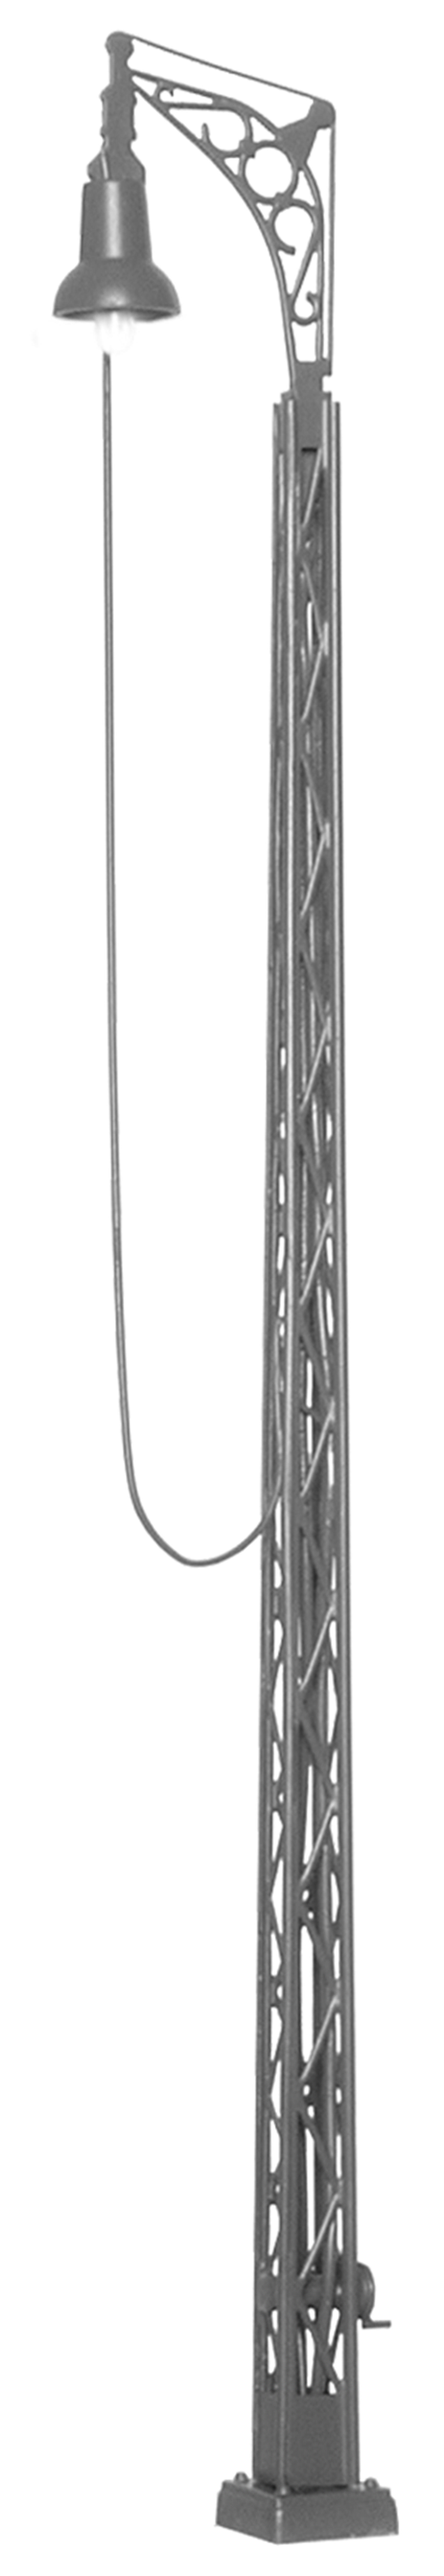 Viessmann 6389 <br/>Gittermast-Leuchte, 142 mm